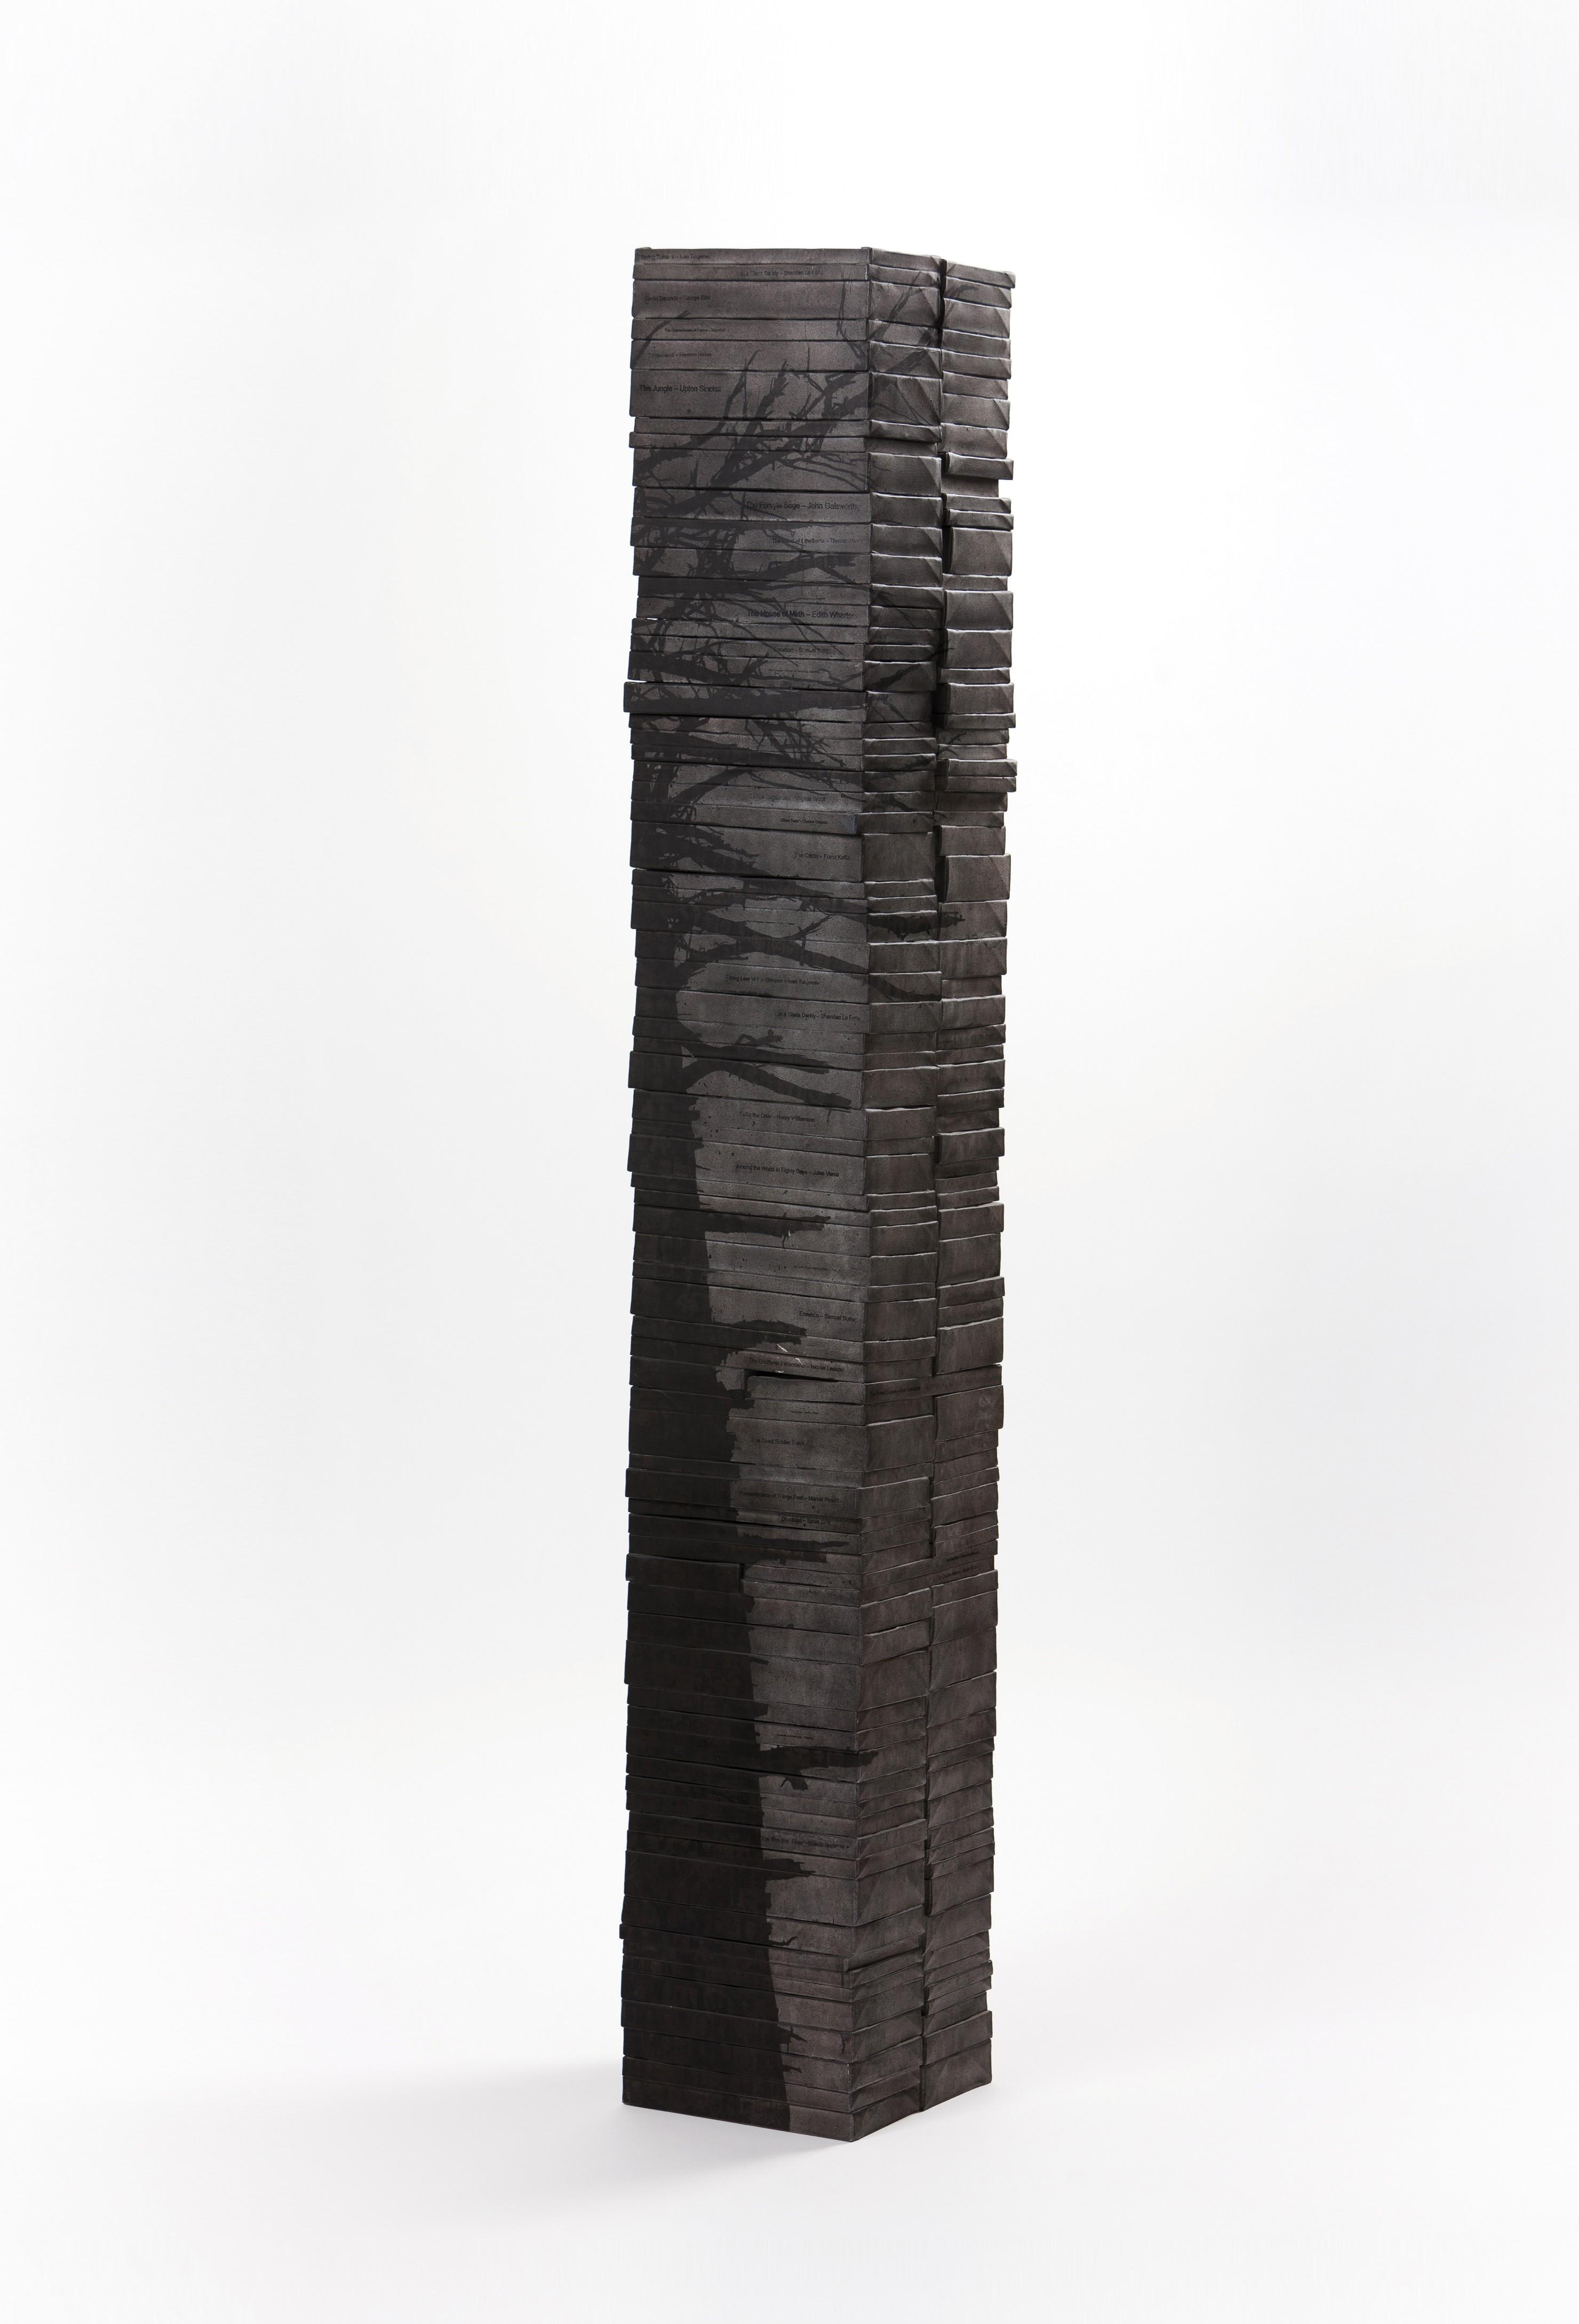 Sem título, 2008 - Nuno Nunes-Ferreira (n. 1976)